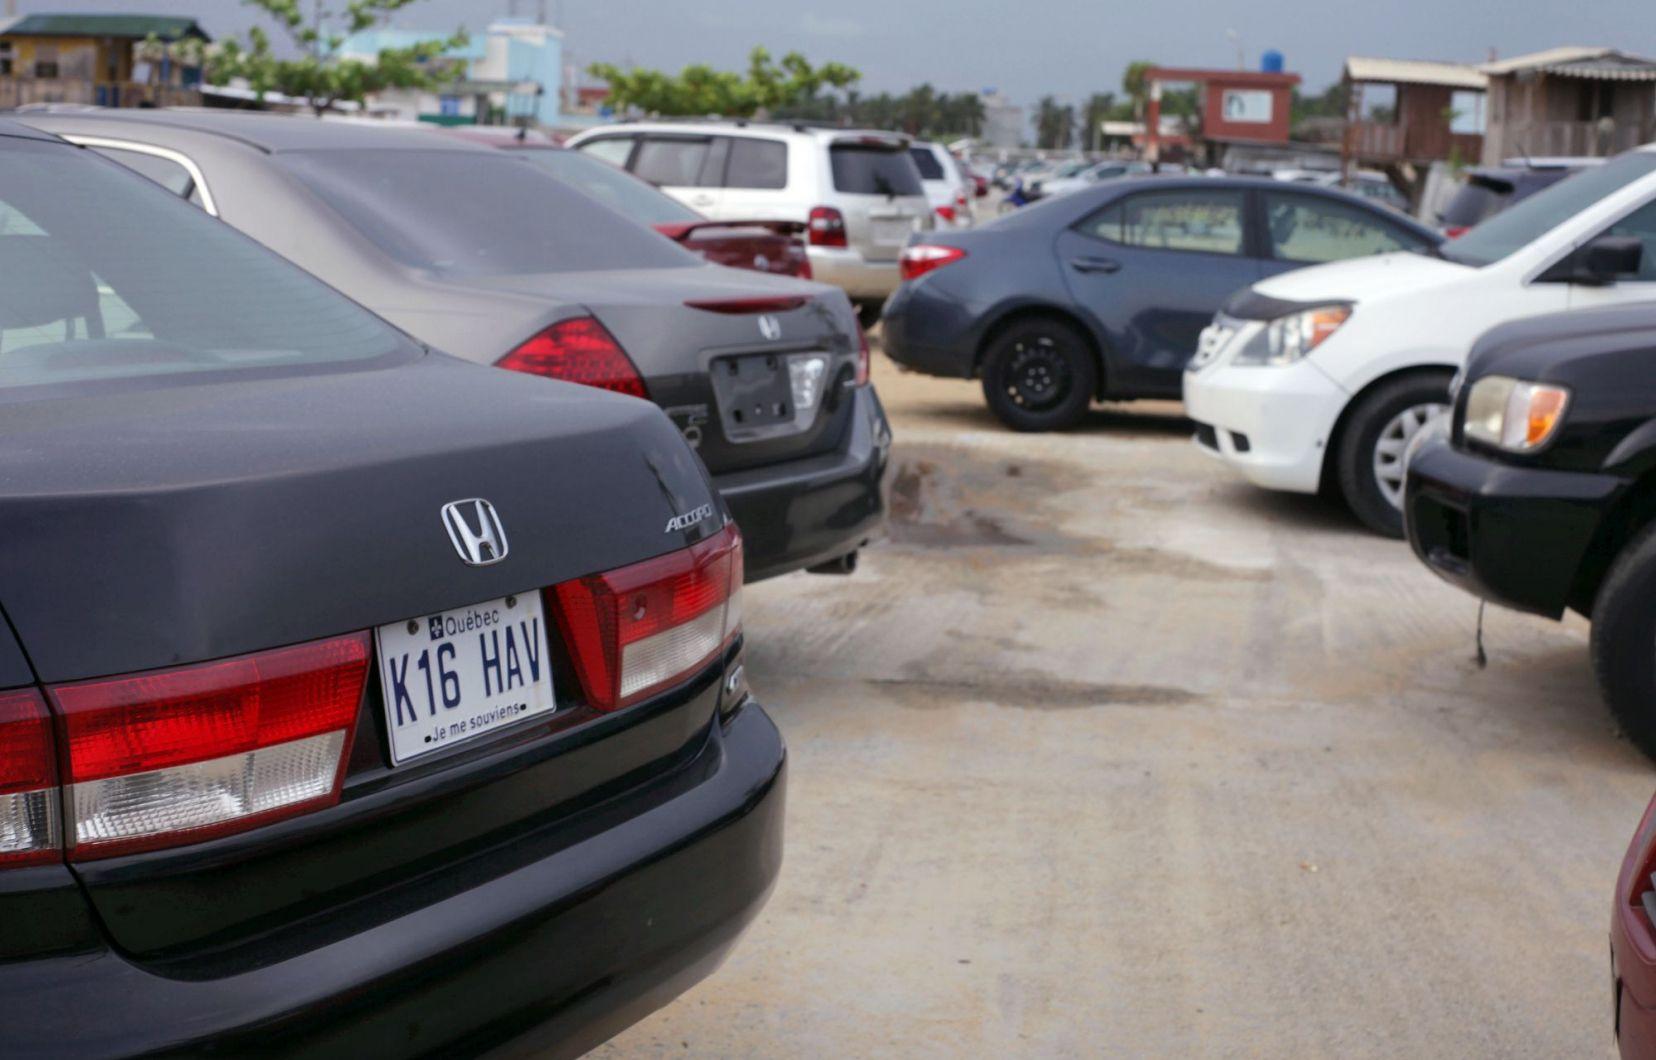 Algérie: L'importation des voitures neuves autorisée sans quotas